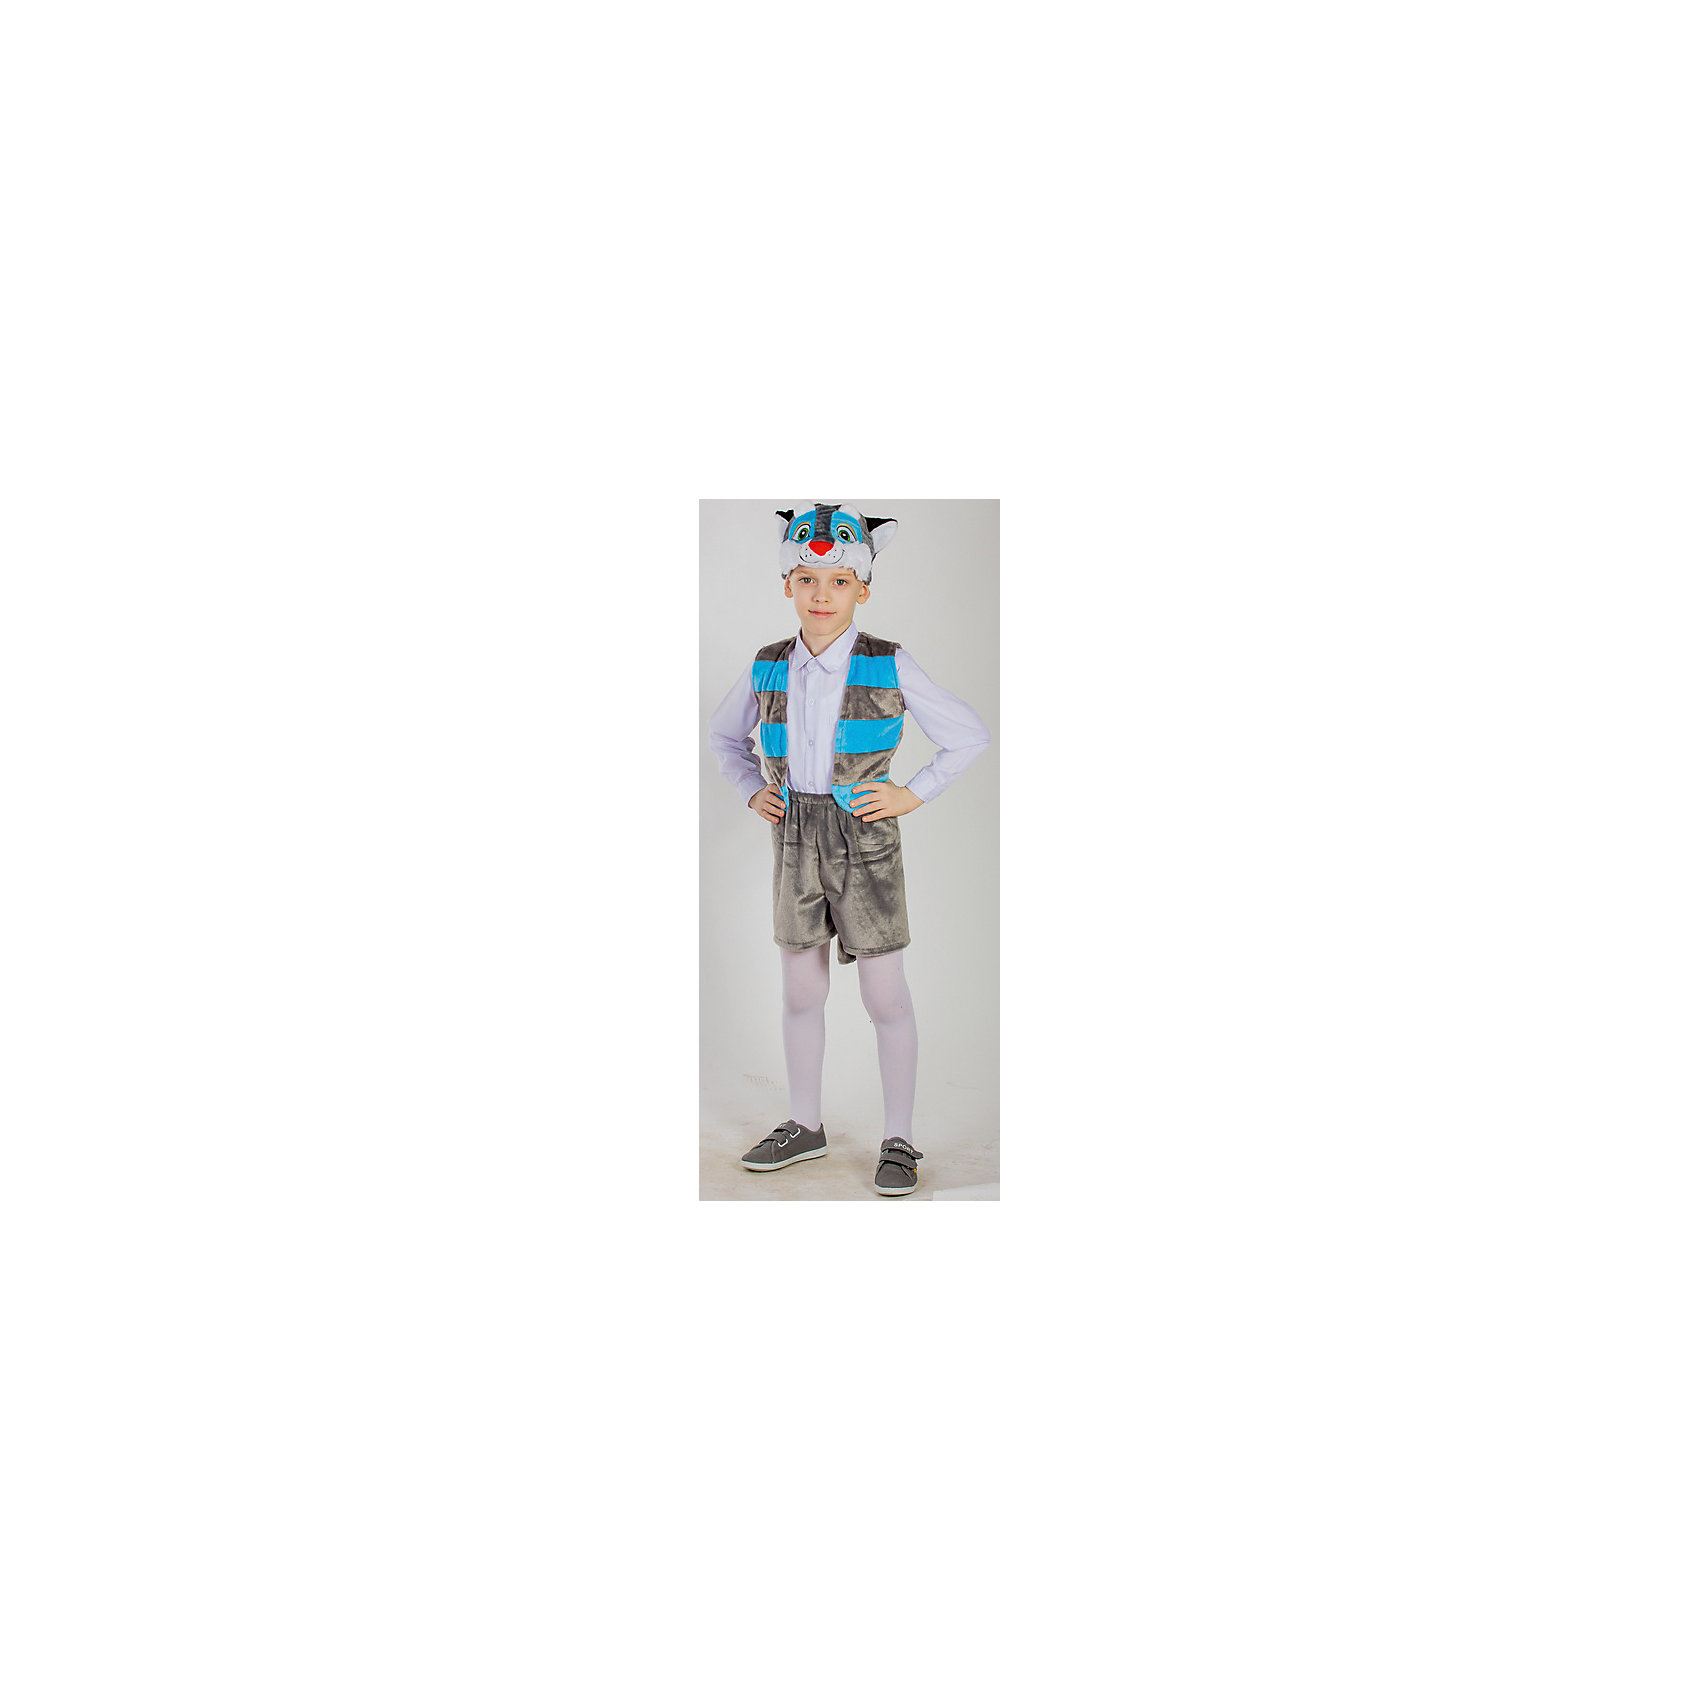 Карнавальный костюм Котенок, КарнавалияКарнавальные костюмы<br>Карнавальный костюм Котенок, Карнавалия - симпатичный карнавальный костюм для мальчика, состоящий из 3х предметов: шапочка, жилет, шорты).<br><br>Материал: 100% полиэстер <br>Возраст: 4-7 лет <br>Рост: 122-128 см <br>Цвет: серый <br>Вес: 280 г<br><br>Карнавальный костюм Котенок, Карнавалия можно купить в нашем интернет-магазине.<br><br>Ширина мм: 380<br>Глубина мм: 70<br>Высота мм: 330<br>Вес г: 375<br>Цвет: белый<br>Возраст от месяцев: 36<br>Возраст до месяцев: 84<br>Пол: Унисекс<br>Возраст: Детский<br>Размер: 122/128<br>SKU: 4764394